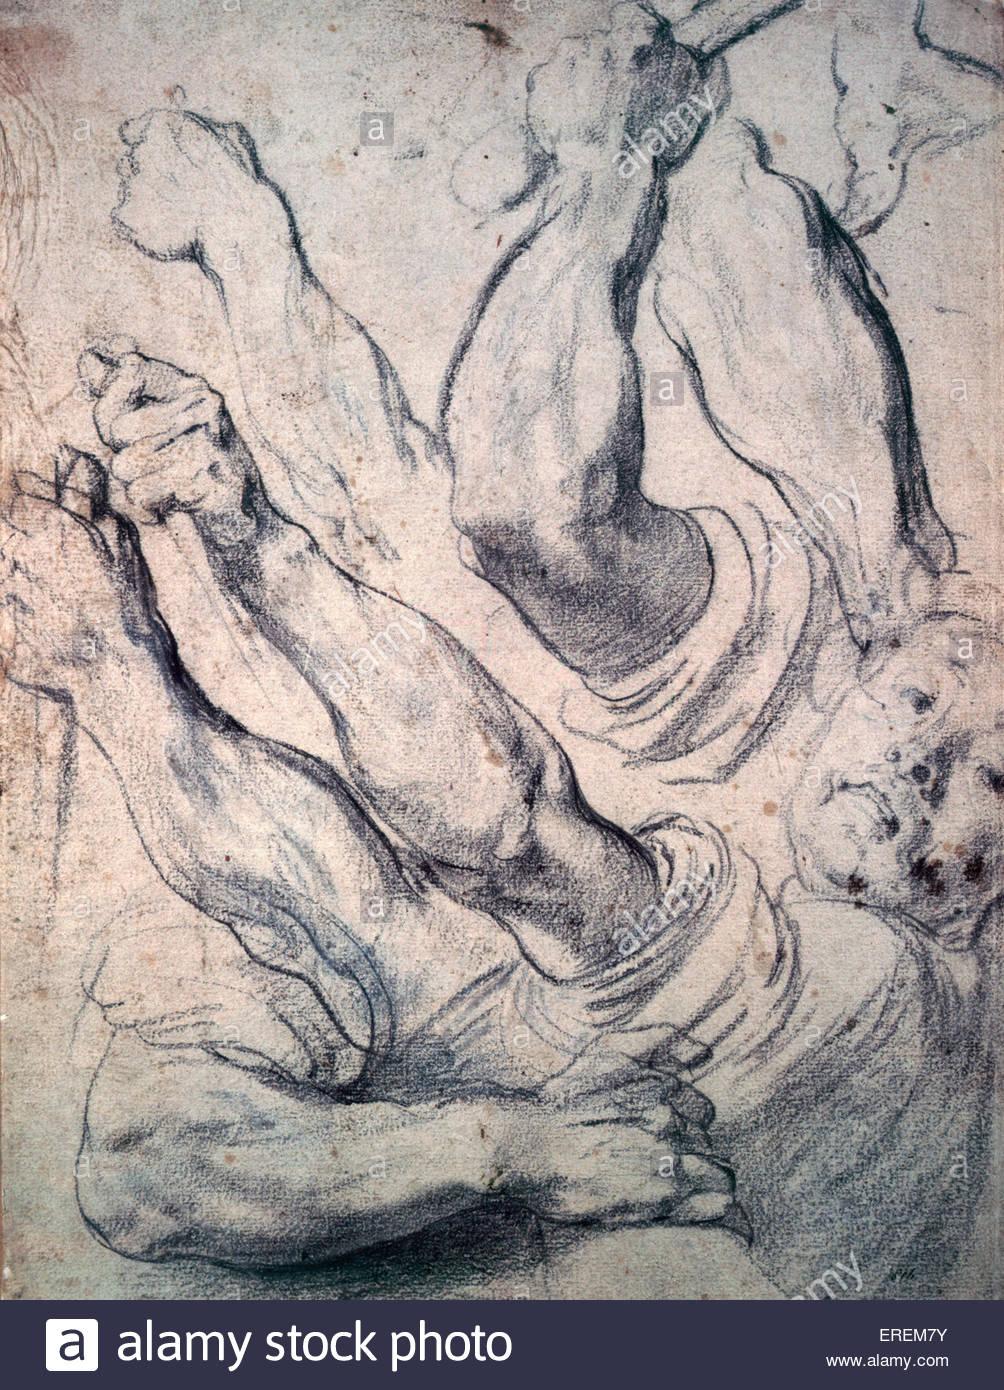 Studi di armi da parte di Peter Paul Rubens. Fine 16th/inizio del XVII secolo, 11,9 x 15,5 pollici, disegno in gesso Immagini Stock